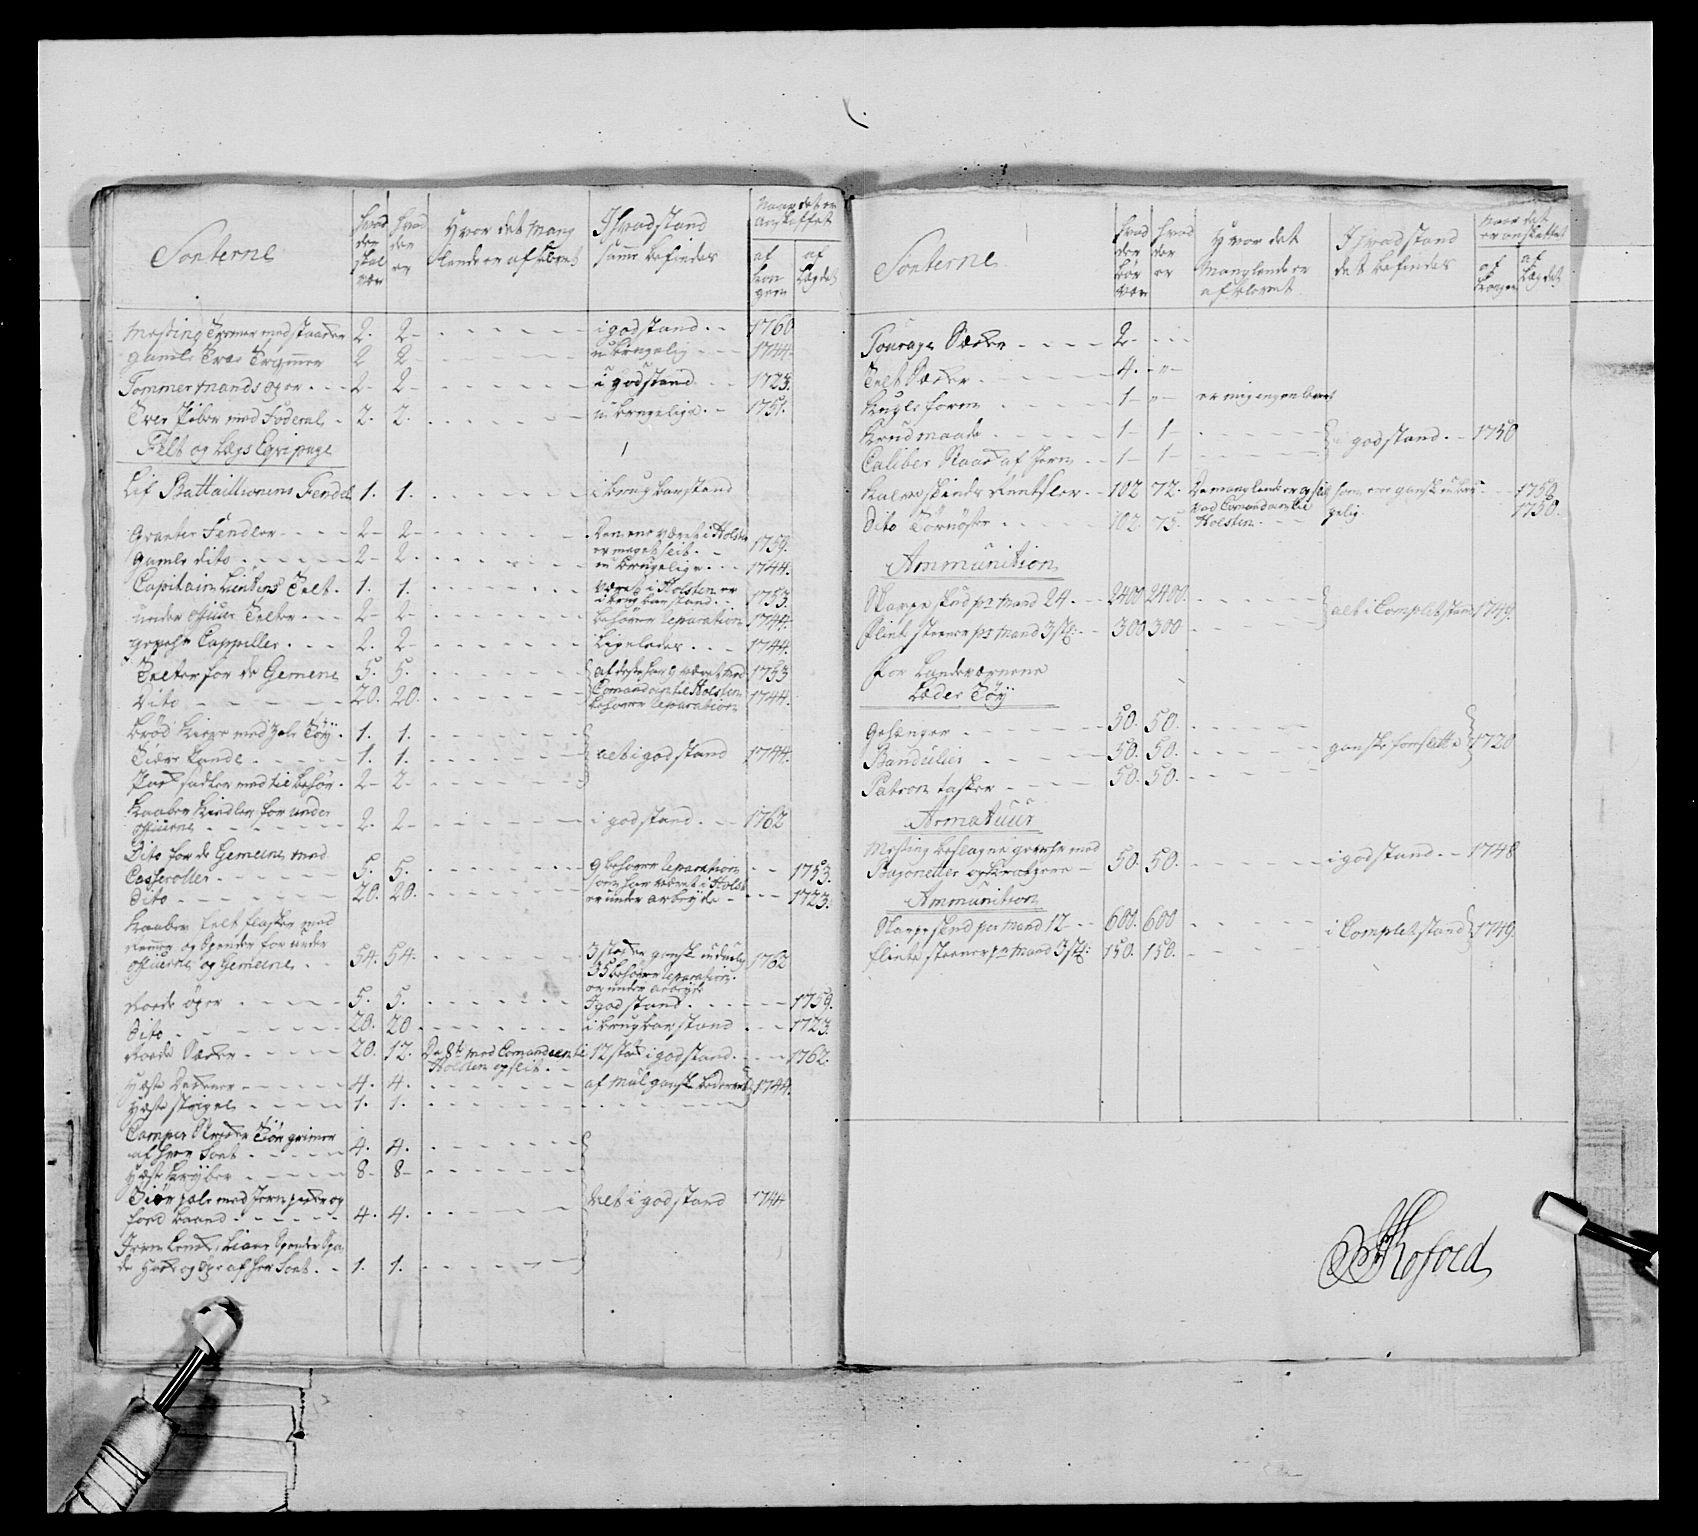 RA, Generalitets- og kommissariatskollegiet, Det kongelige norske kommissariatskollegium, E/Eh/L0076: 2. Trondheimske nasjonale infanteriregiment, 1766-1773, s. 413